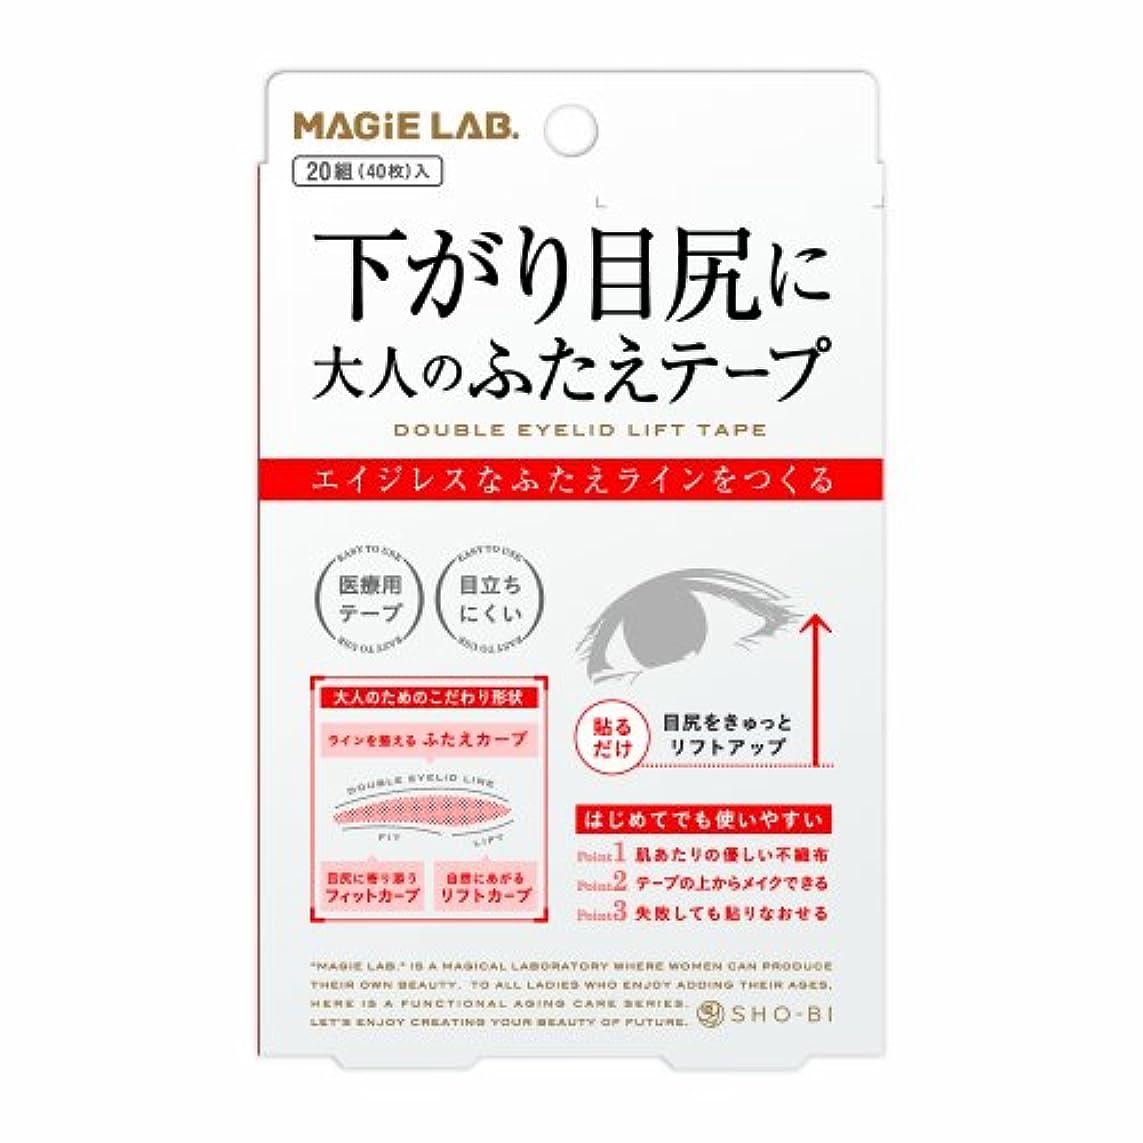 コードレス委任カセットMG22105 下がり目尻に 大人のふたえープ 20組40枚入 整形テープ マジラボ MAGiE LAB.